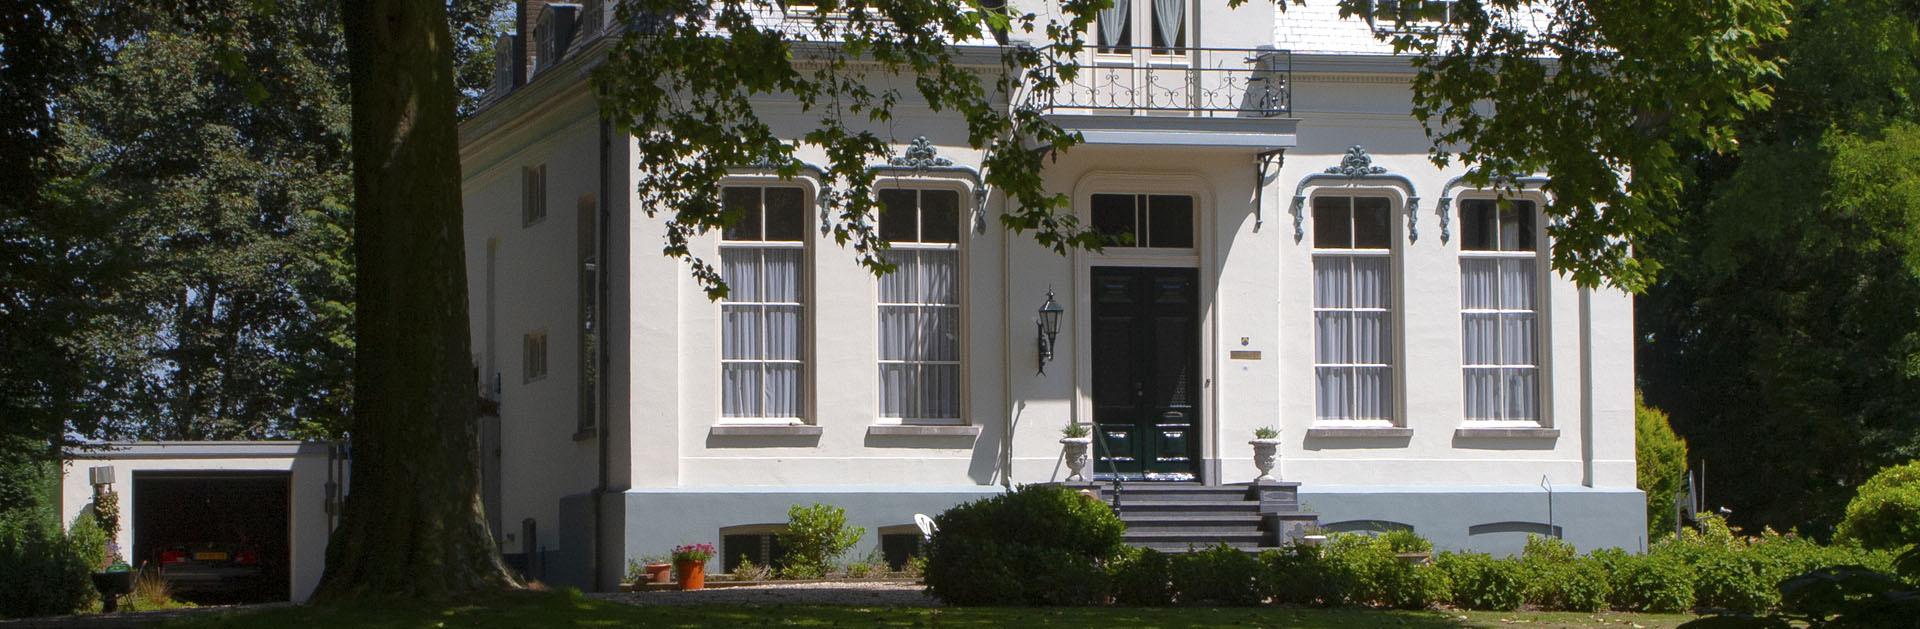 Huis Broekhuizen - Wehl Regio Achterhoek - Liemers